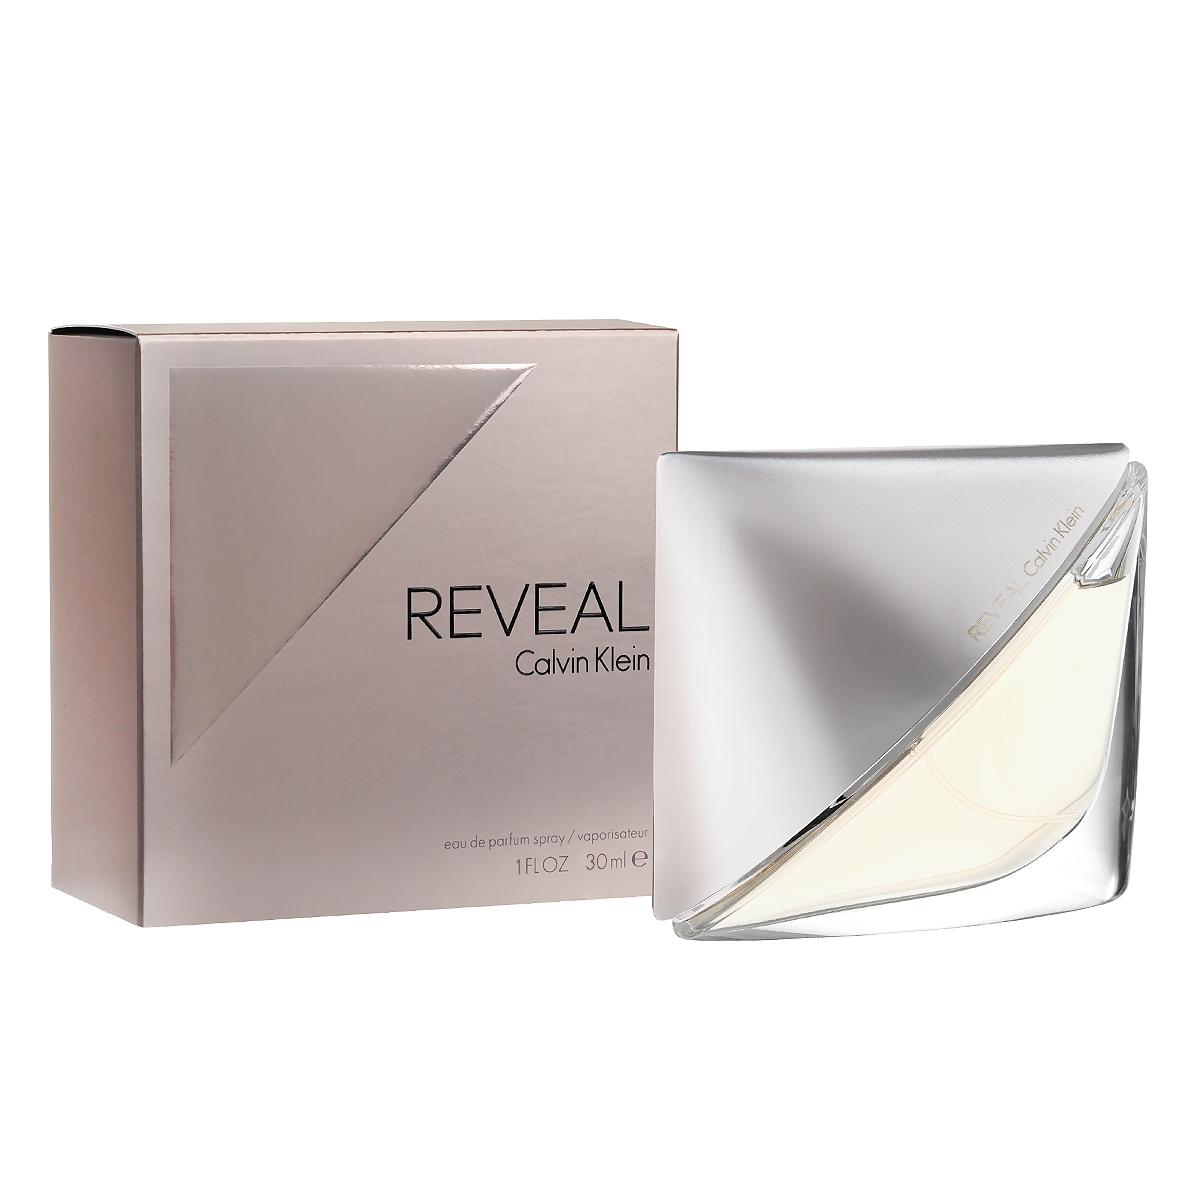 Calvin Klein Парфюмерная вода Reveal, женская, 30 мл